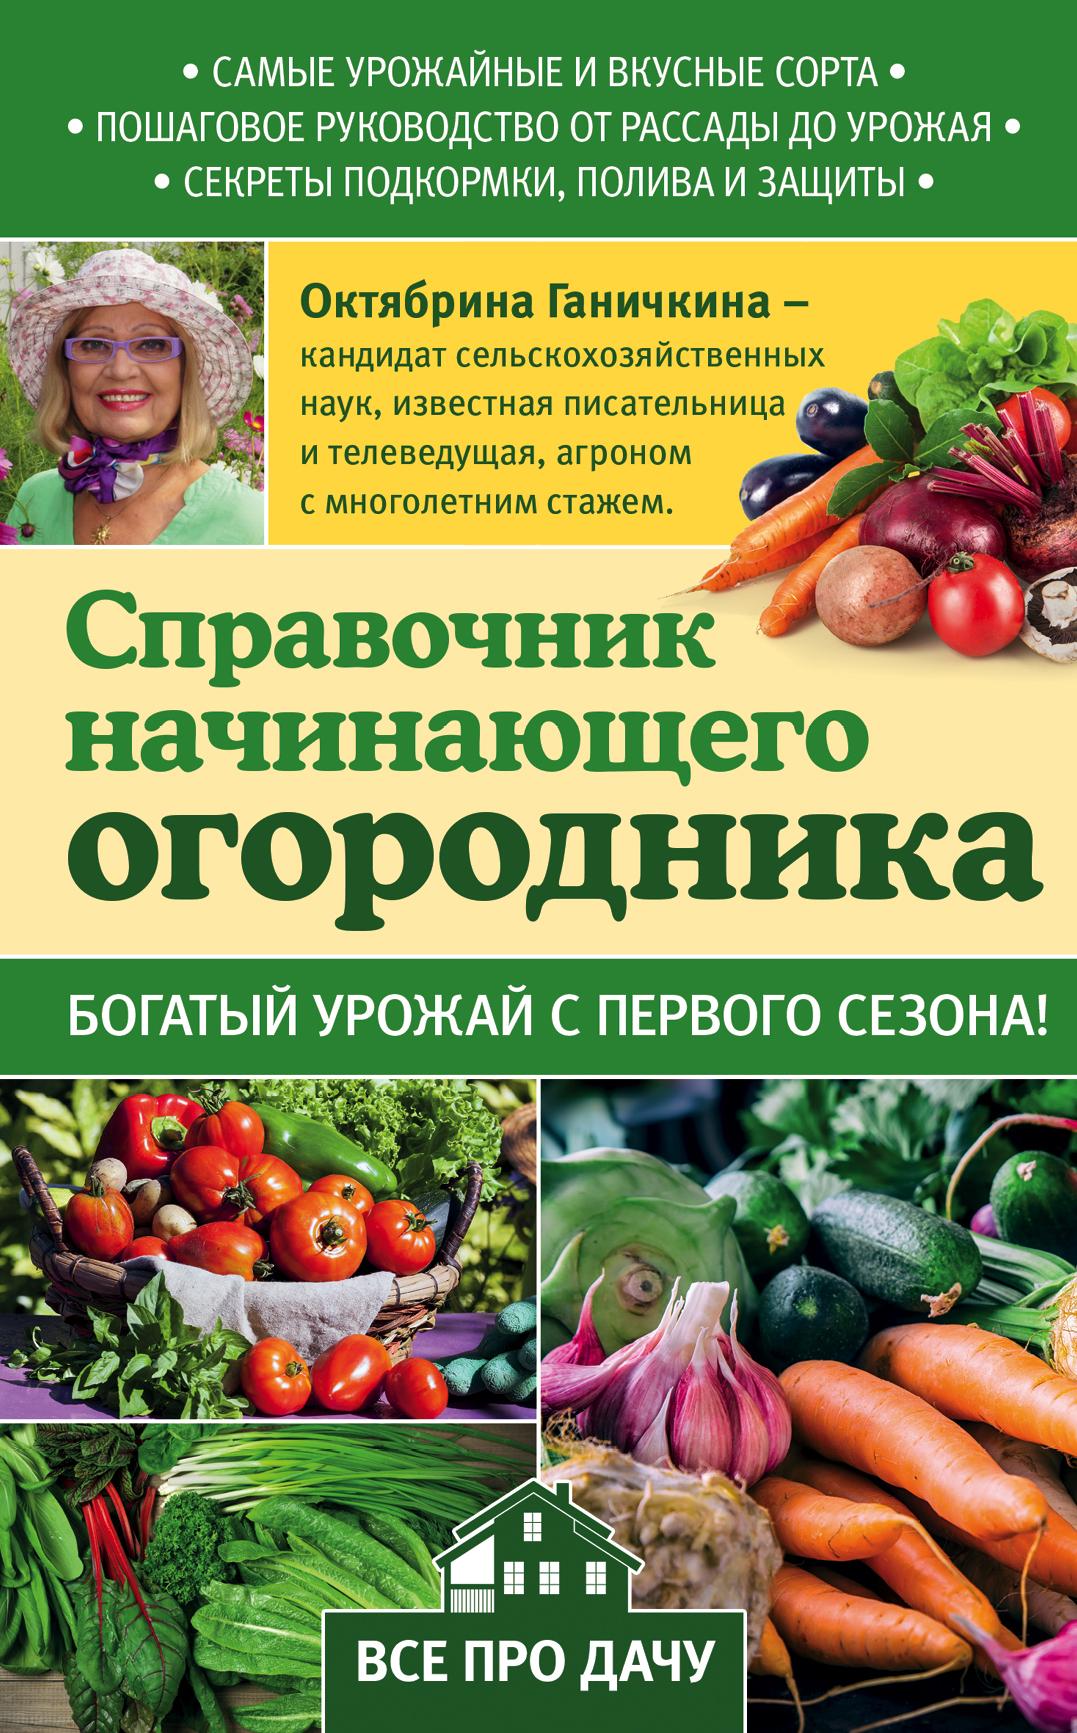 Октябрина Ганичкина,Александр Ганичкин Справочник начинающего огородника